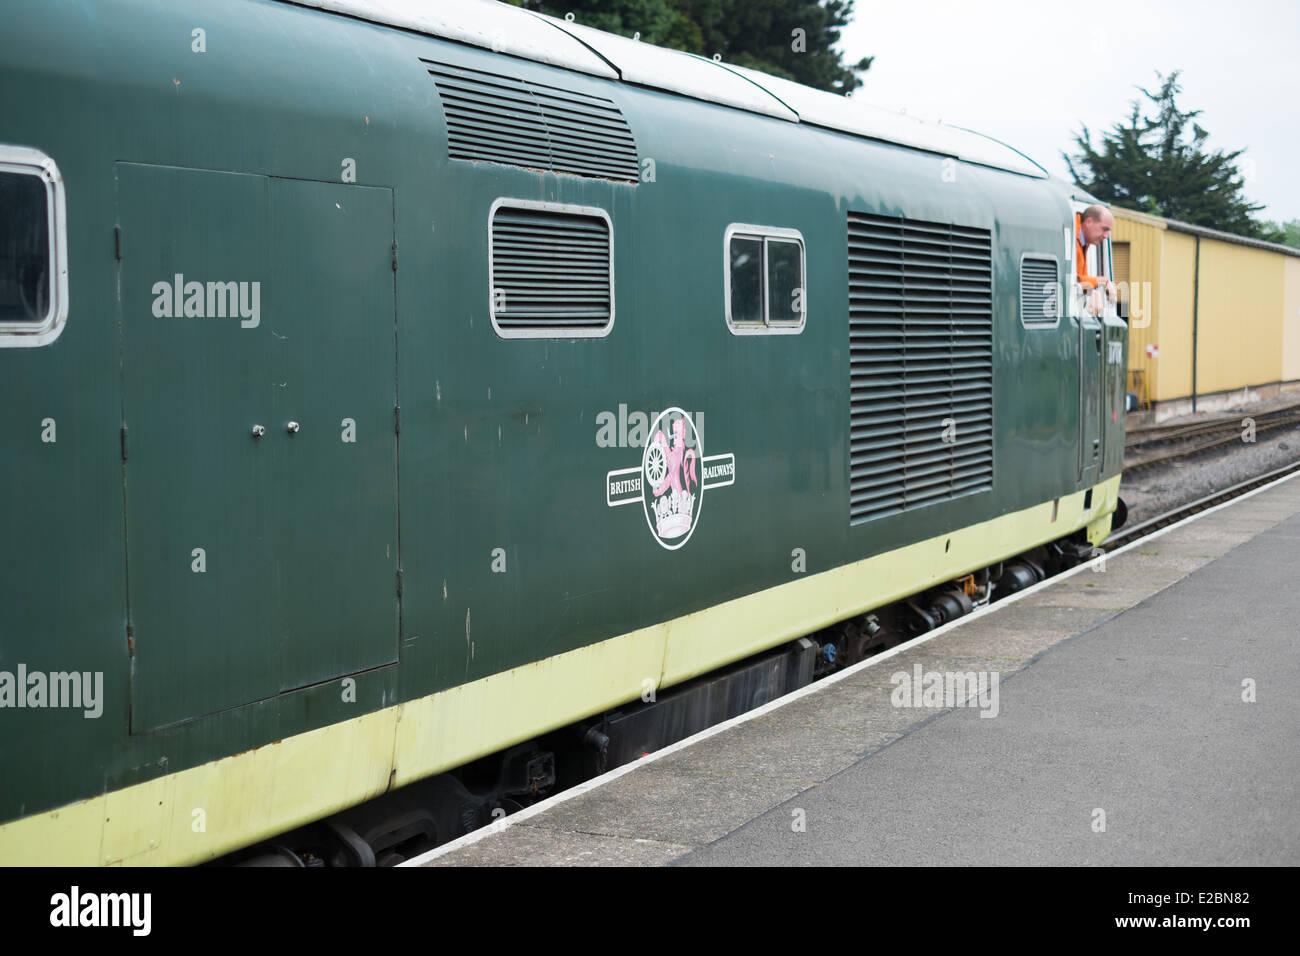 Beyer Peacock Hymek diesel locomotive - Stock Image